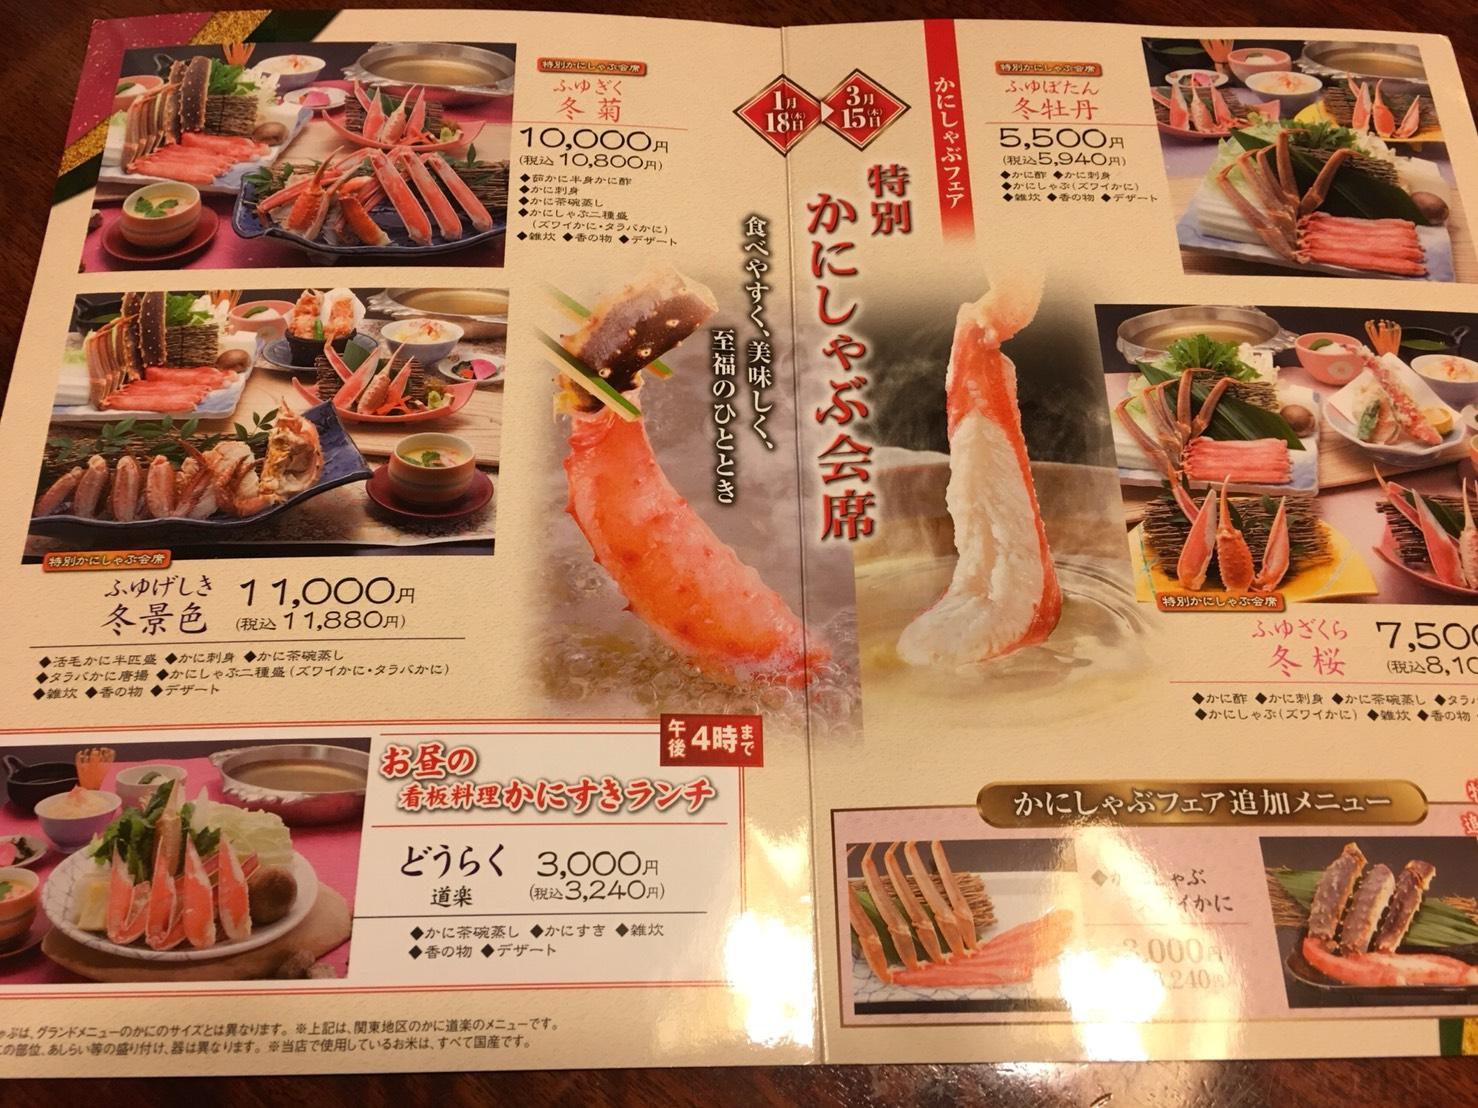 【新宿駅】贅の極み!蟹ざんまいで蟹に溺れる贅沢体験!豪華絢爛な「かに道楽」のかにしゃぶ会席のメニュー